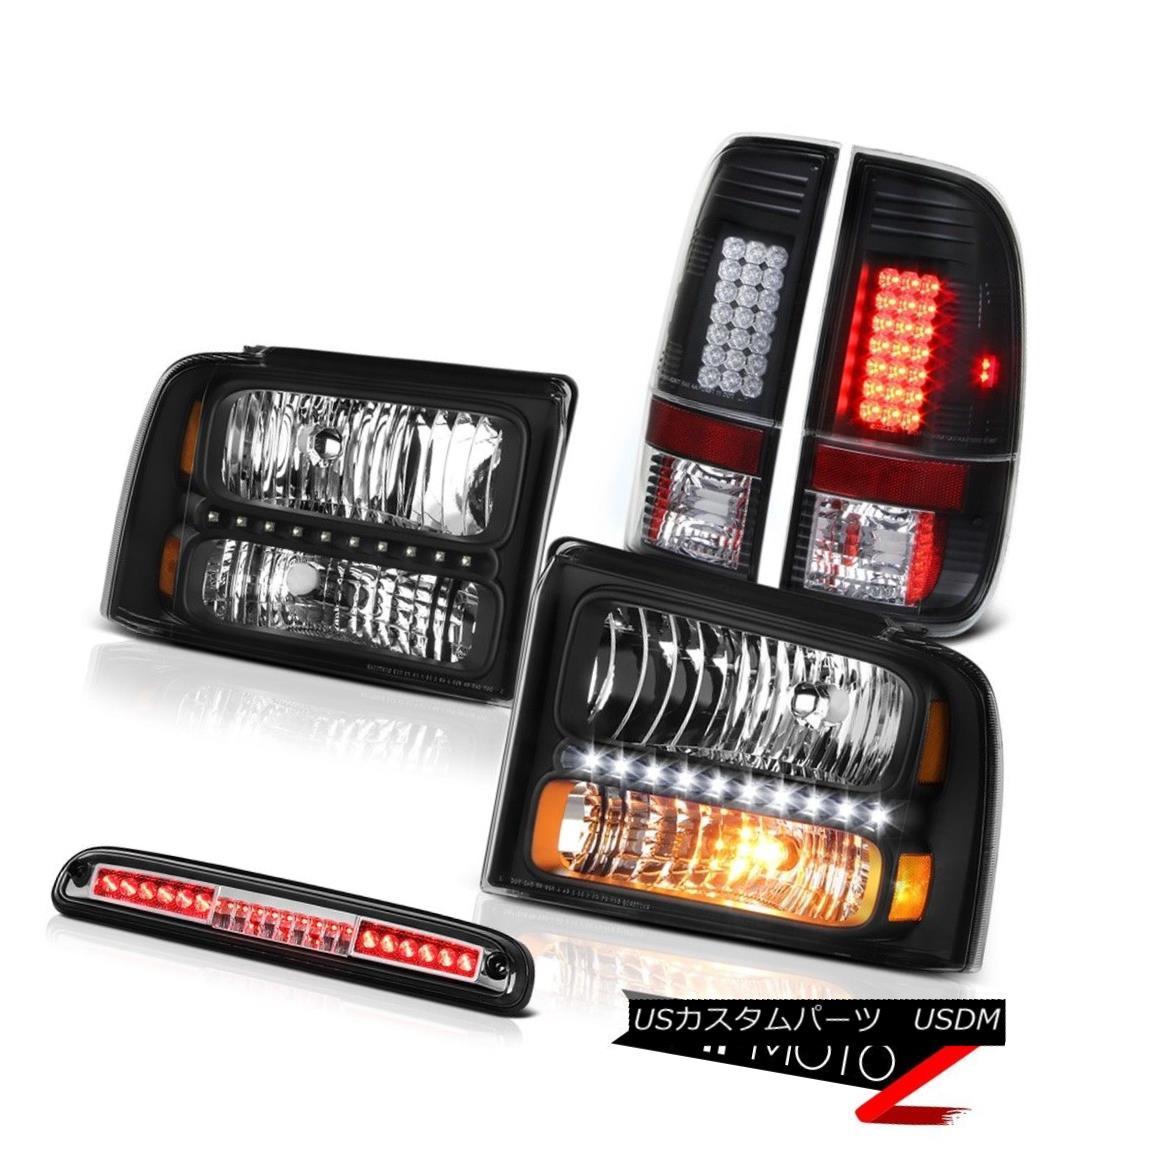 ヘッドライト 2005 2006 2007 F250 Turbo Diesel Pair Black Headlamps LED Taillamps High Stop 2005 2006 2007 F250ターボディーゼルペアブラックヘッドランプLEDタイルランプハイストップ